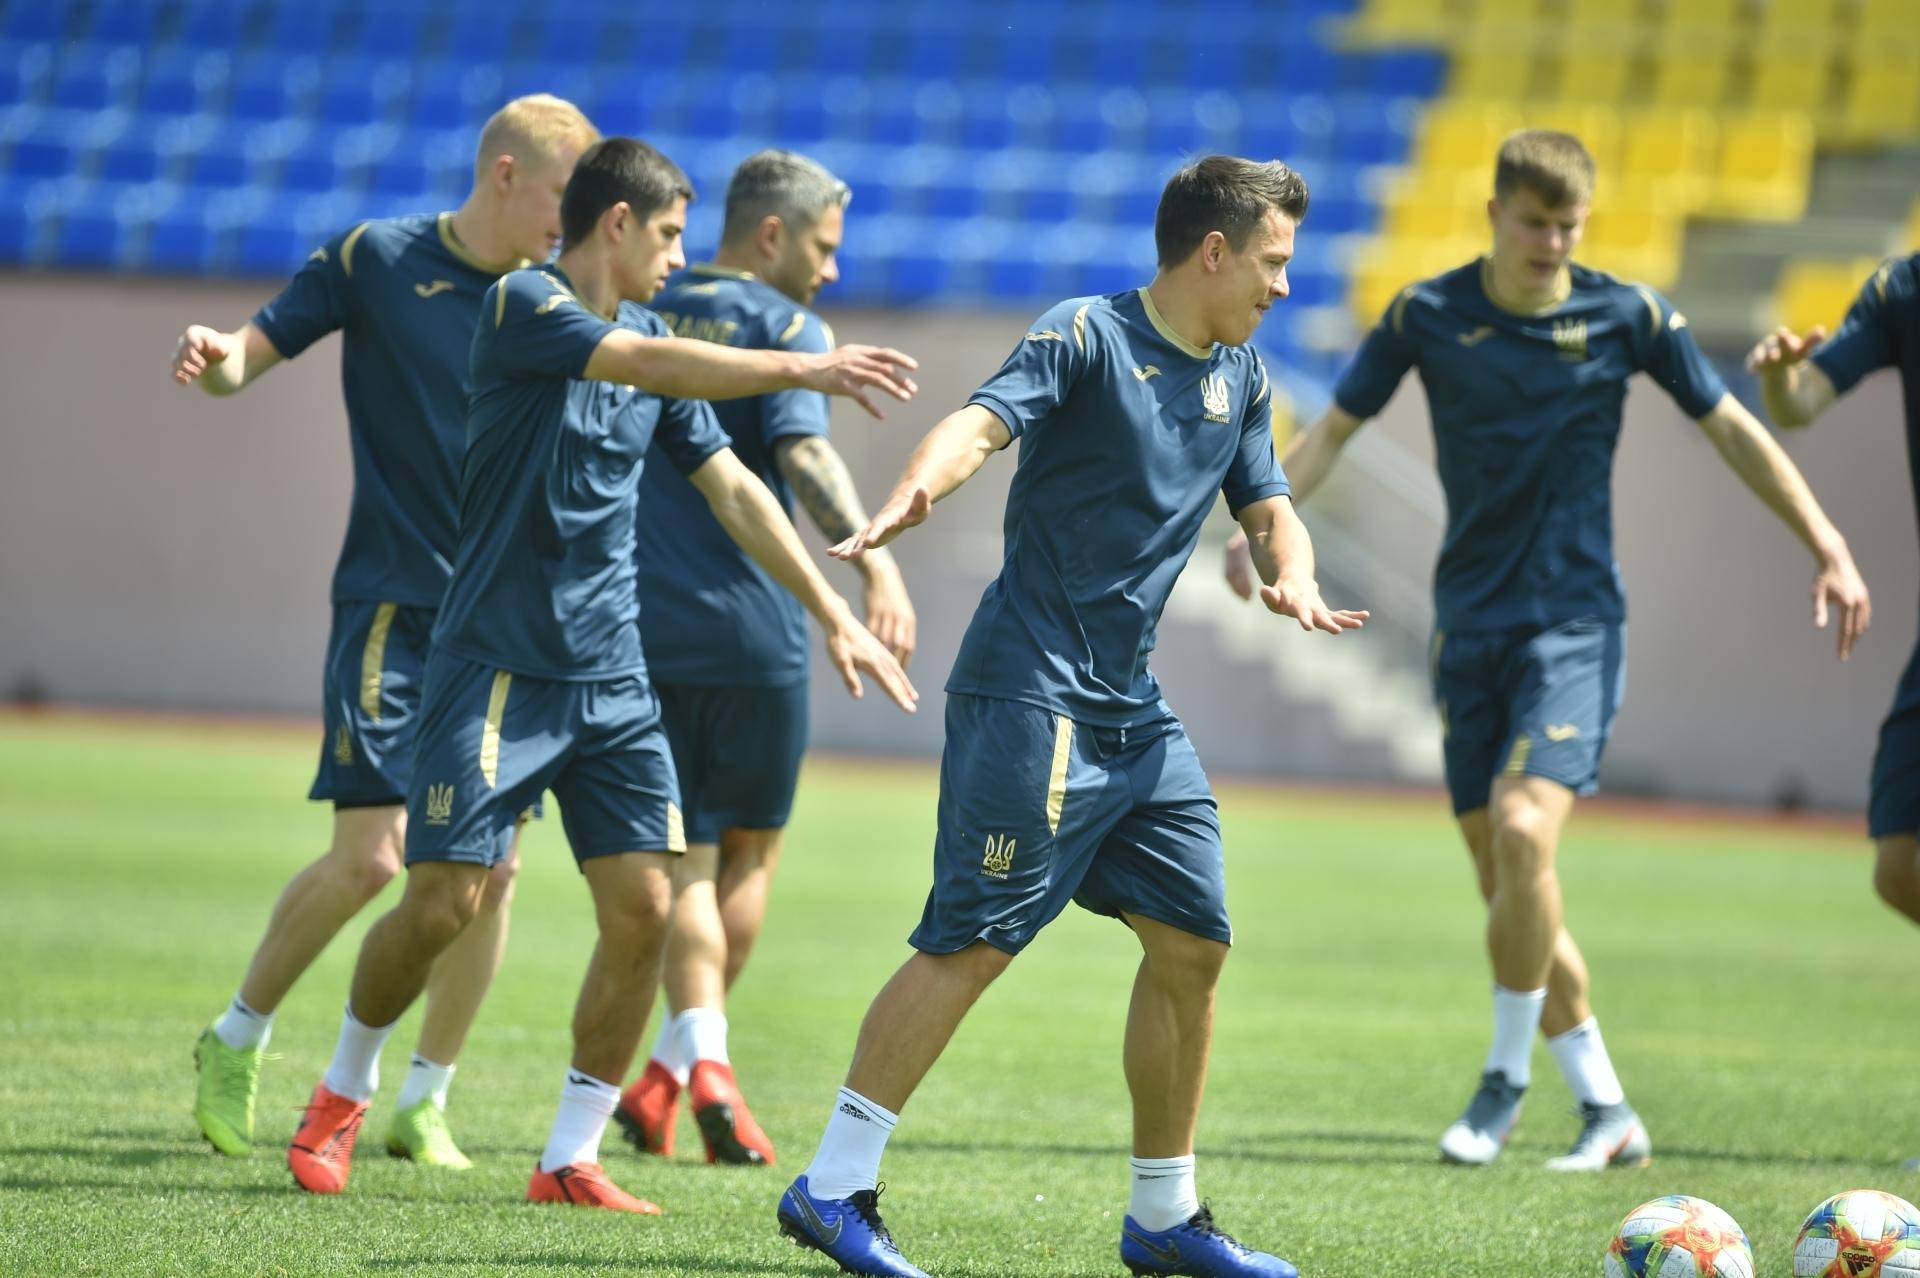 Збірна України: як пройшов перший день тренування у дворазовому режимі (Фото) - изображение 17